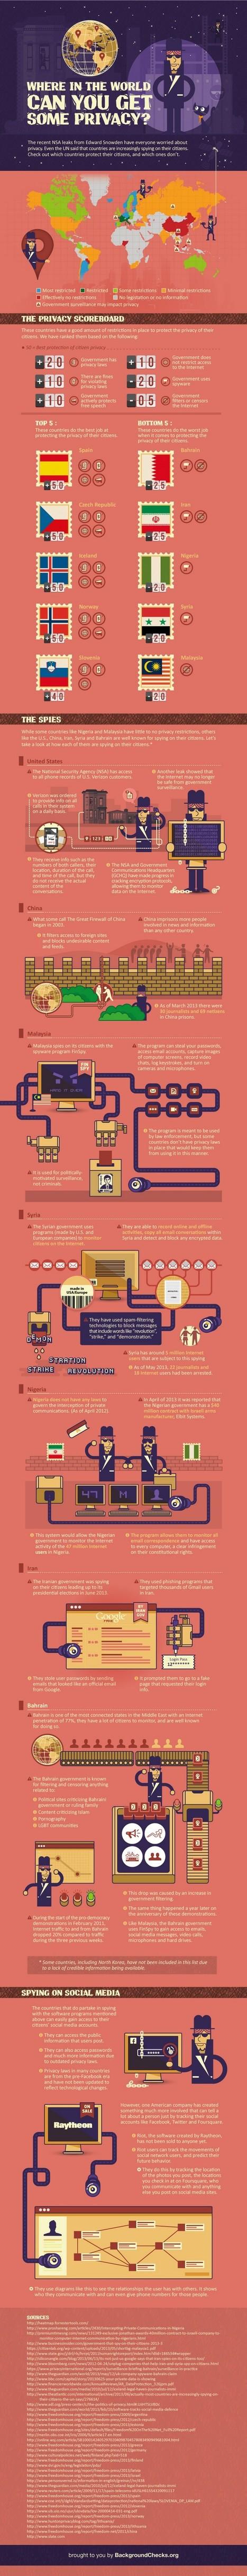 [Infographie] Internet et vie privée dans le monde   L'E-Réputation   Scoop.it